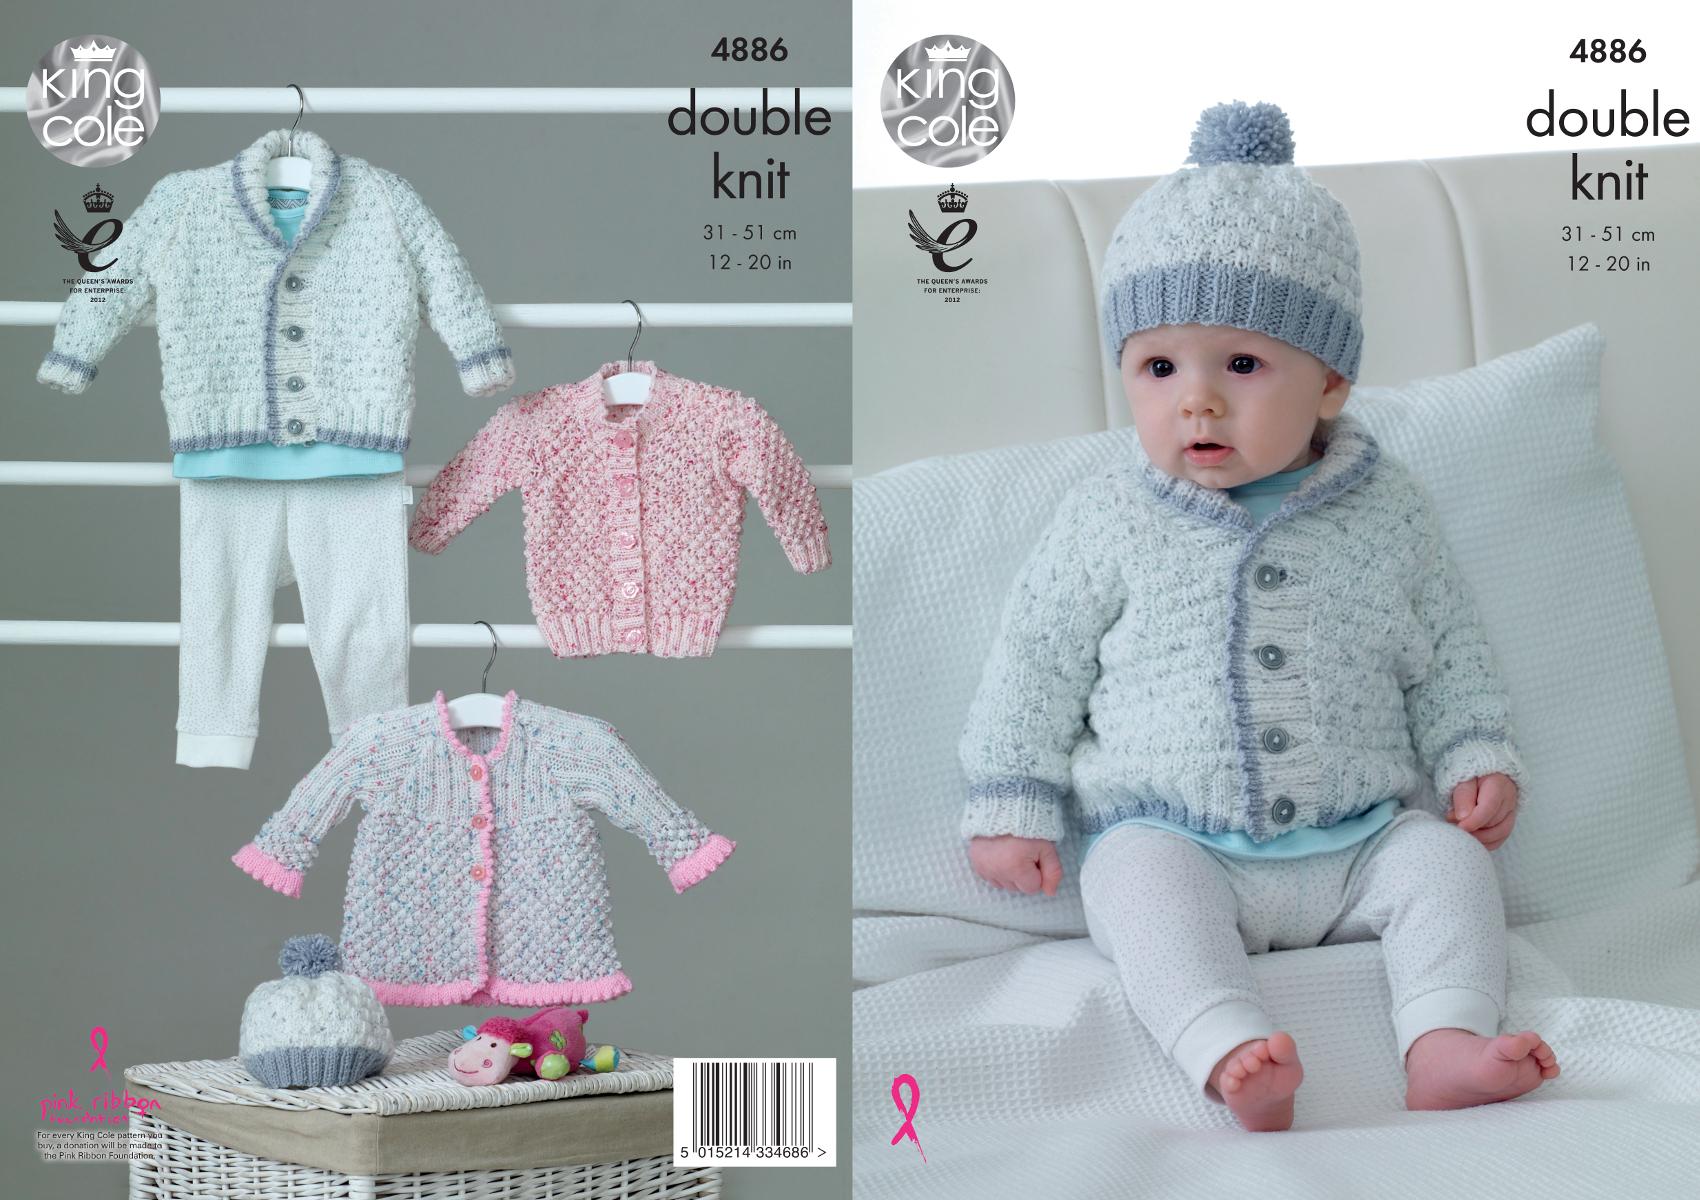 Baby double knitting pattern jacket cardigan matinee coat hat king baby double knitting pattern jacket cardigan matinee coat hat king cole dk 4886 bankloansurffo Choice Image